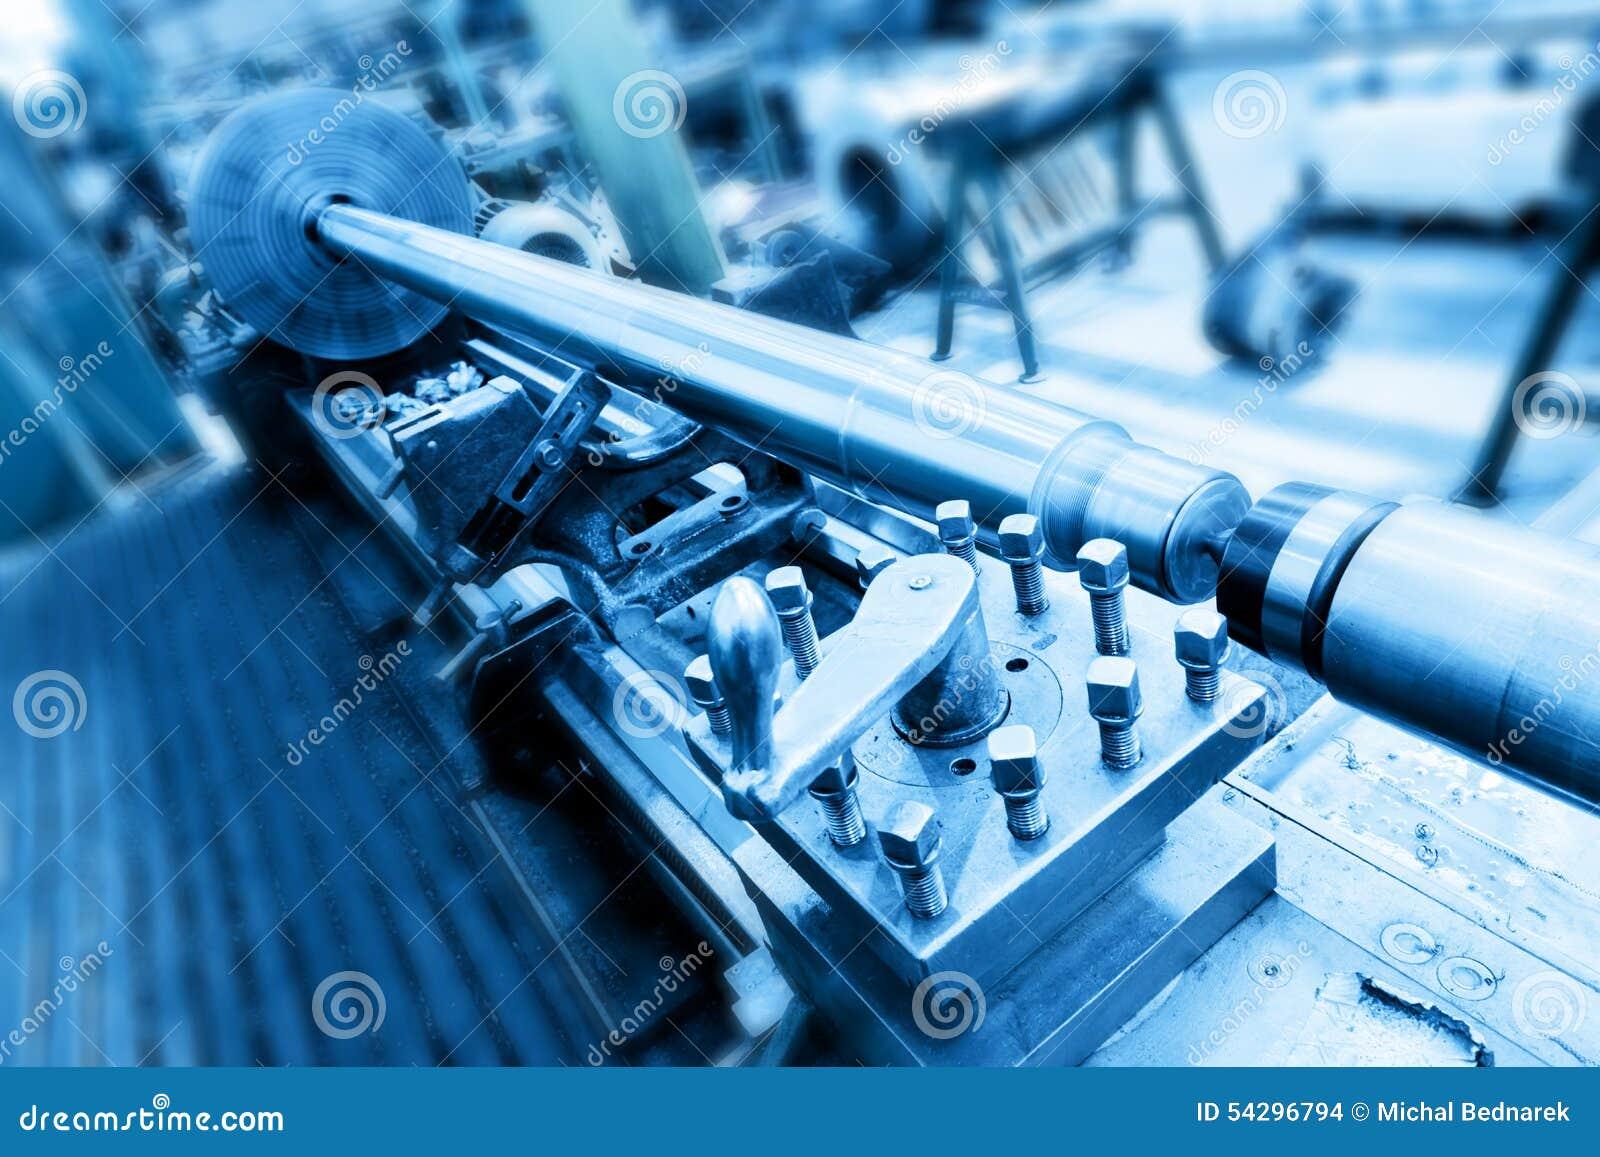 Bohrungs-, Bohren und Fräsmaschine in der Werkstatt Industrie, industriell